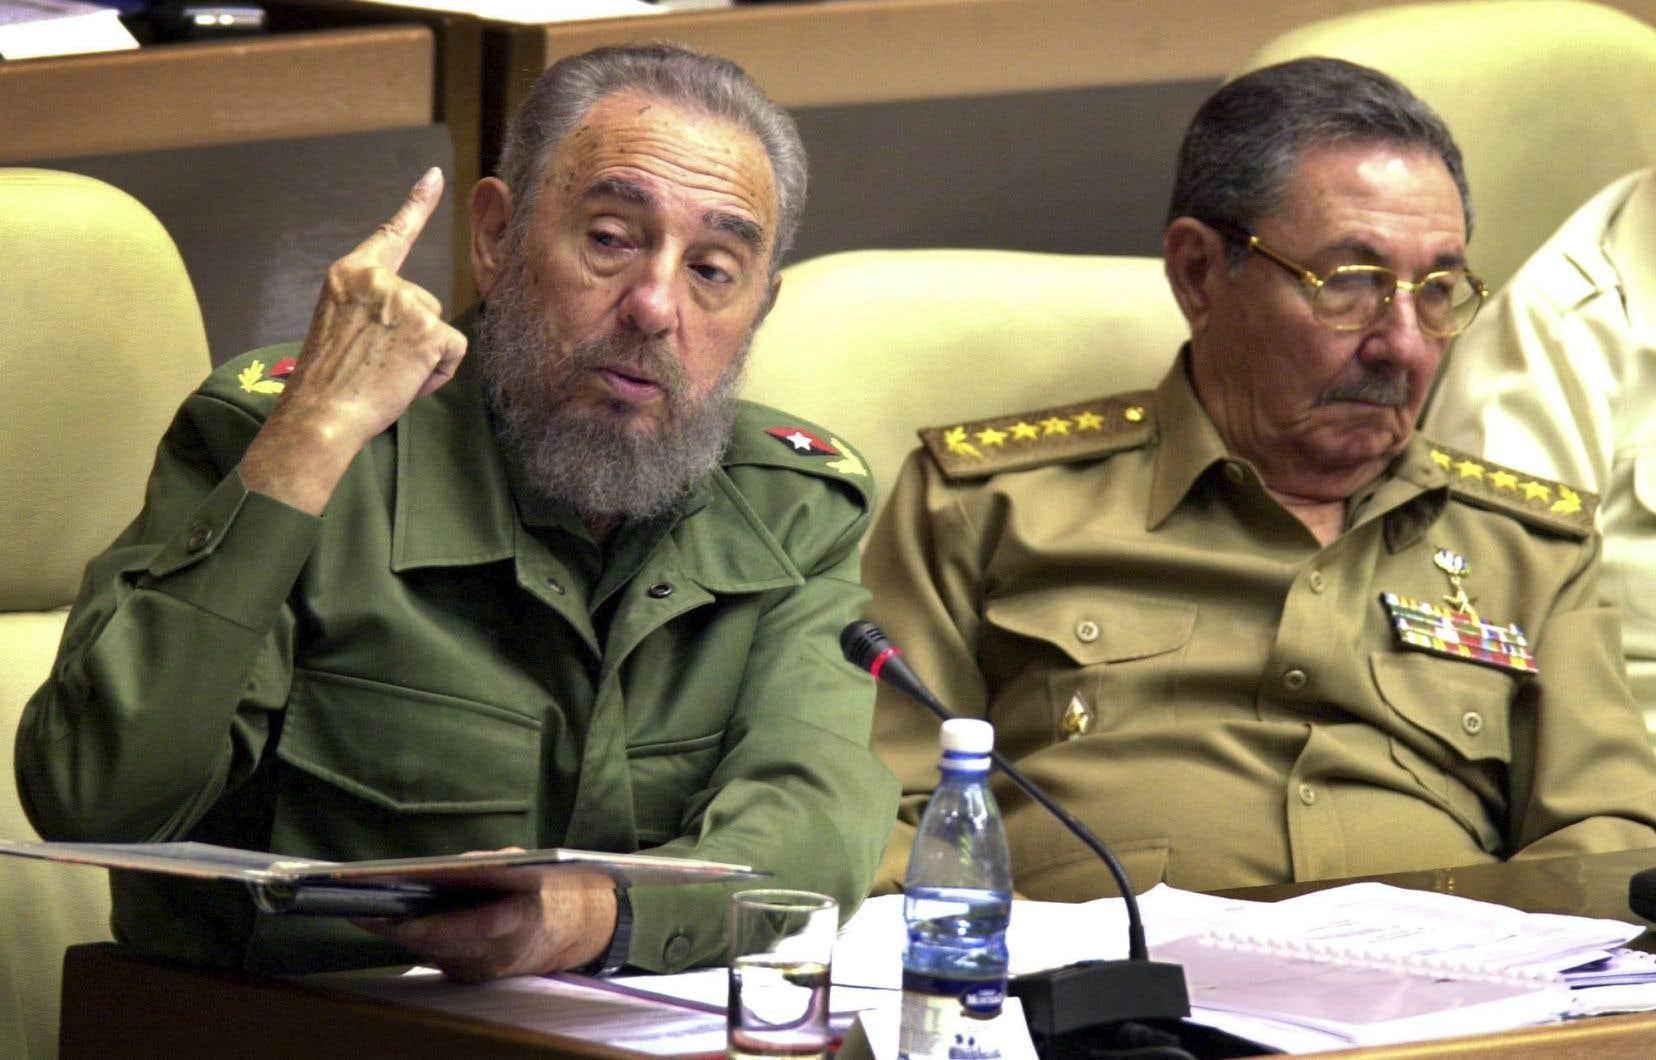 Les frères Castro, Fidel et Raúl, ont dirigé Cuba depuis la révolution.